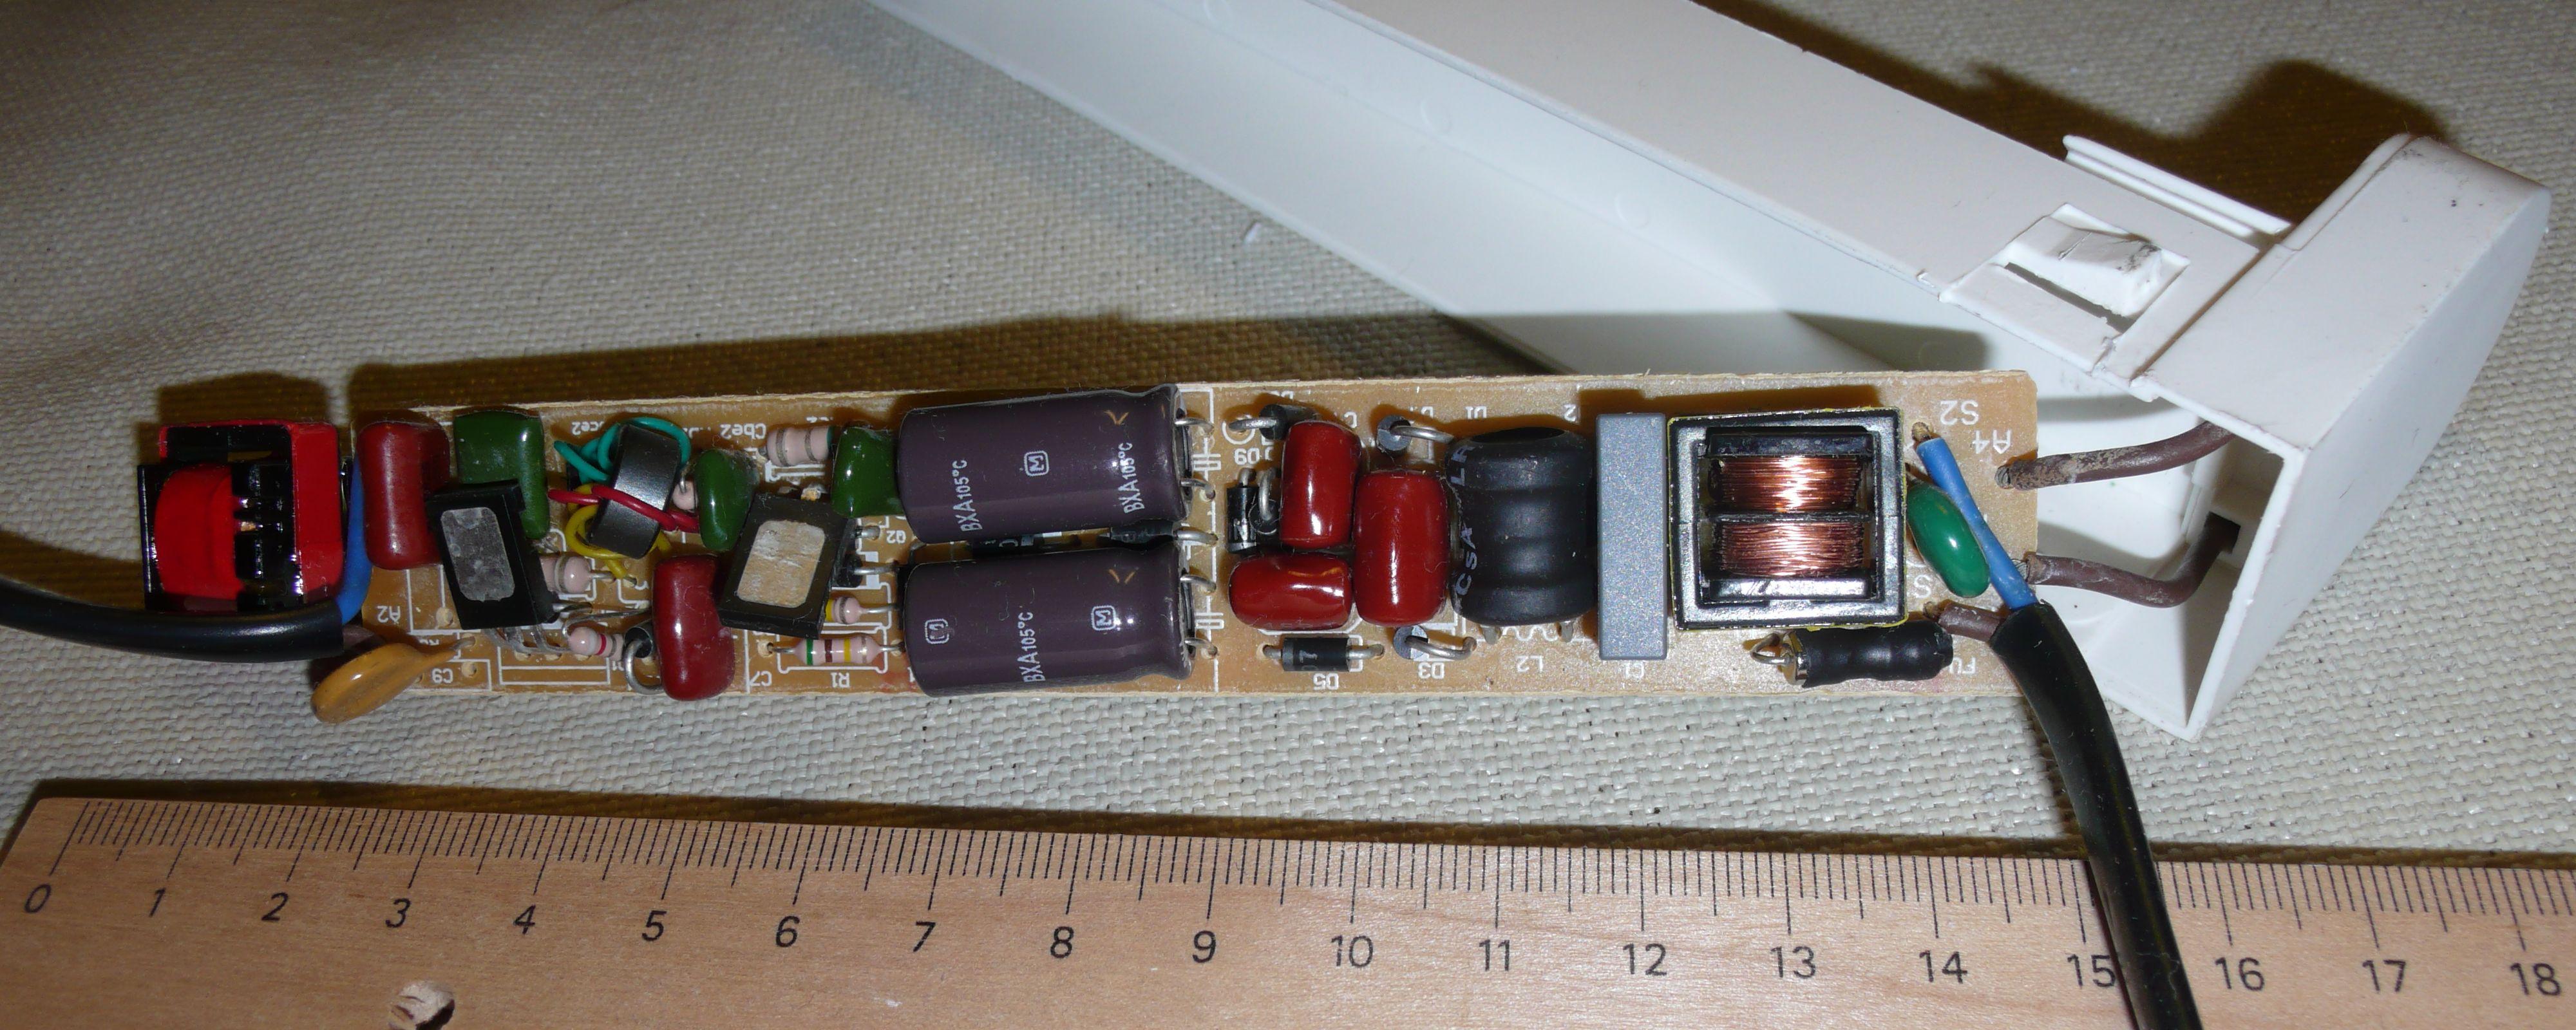 leuchtstofflampe z ndet oft sp t. Black Bedroom Furniture Sets. Home Design Ideas